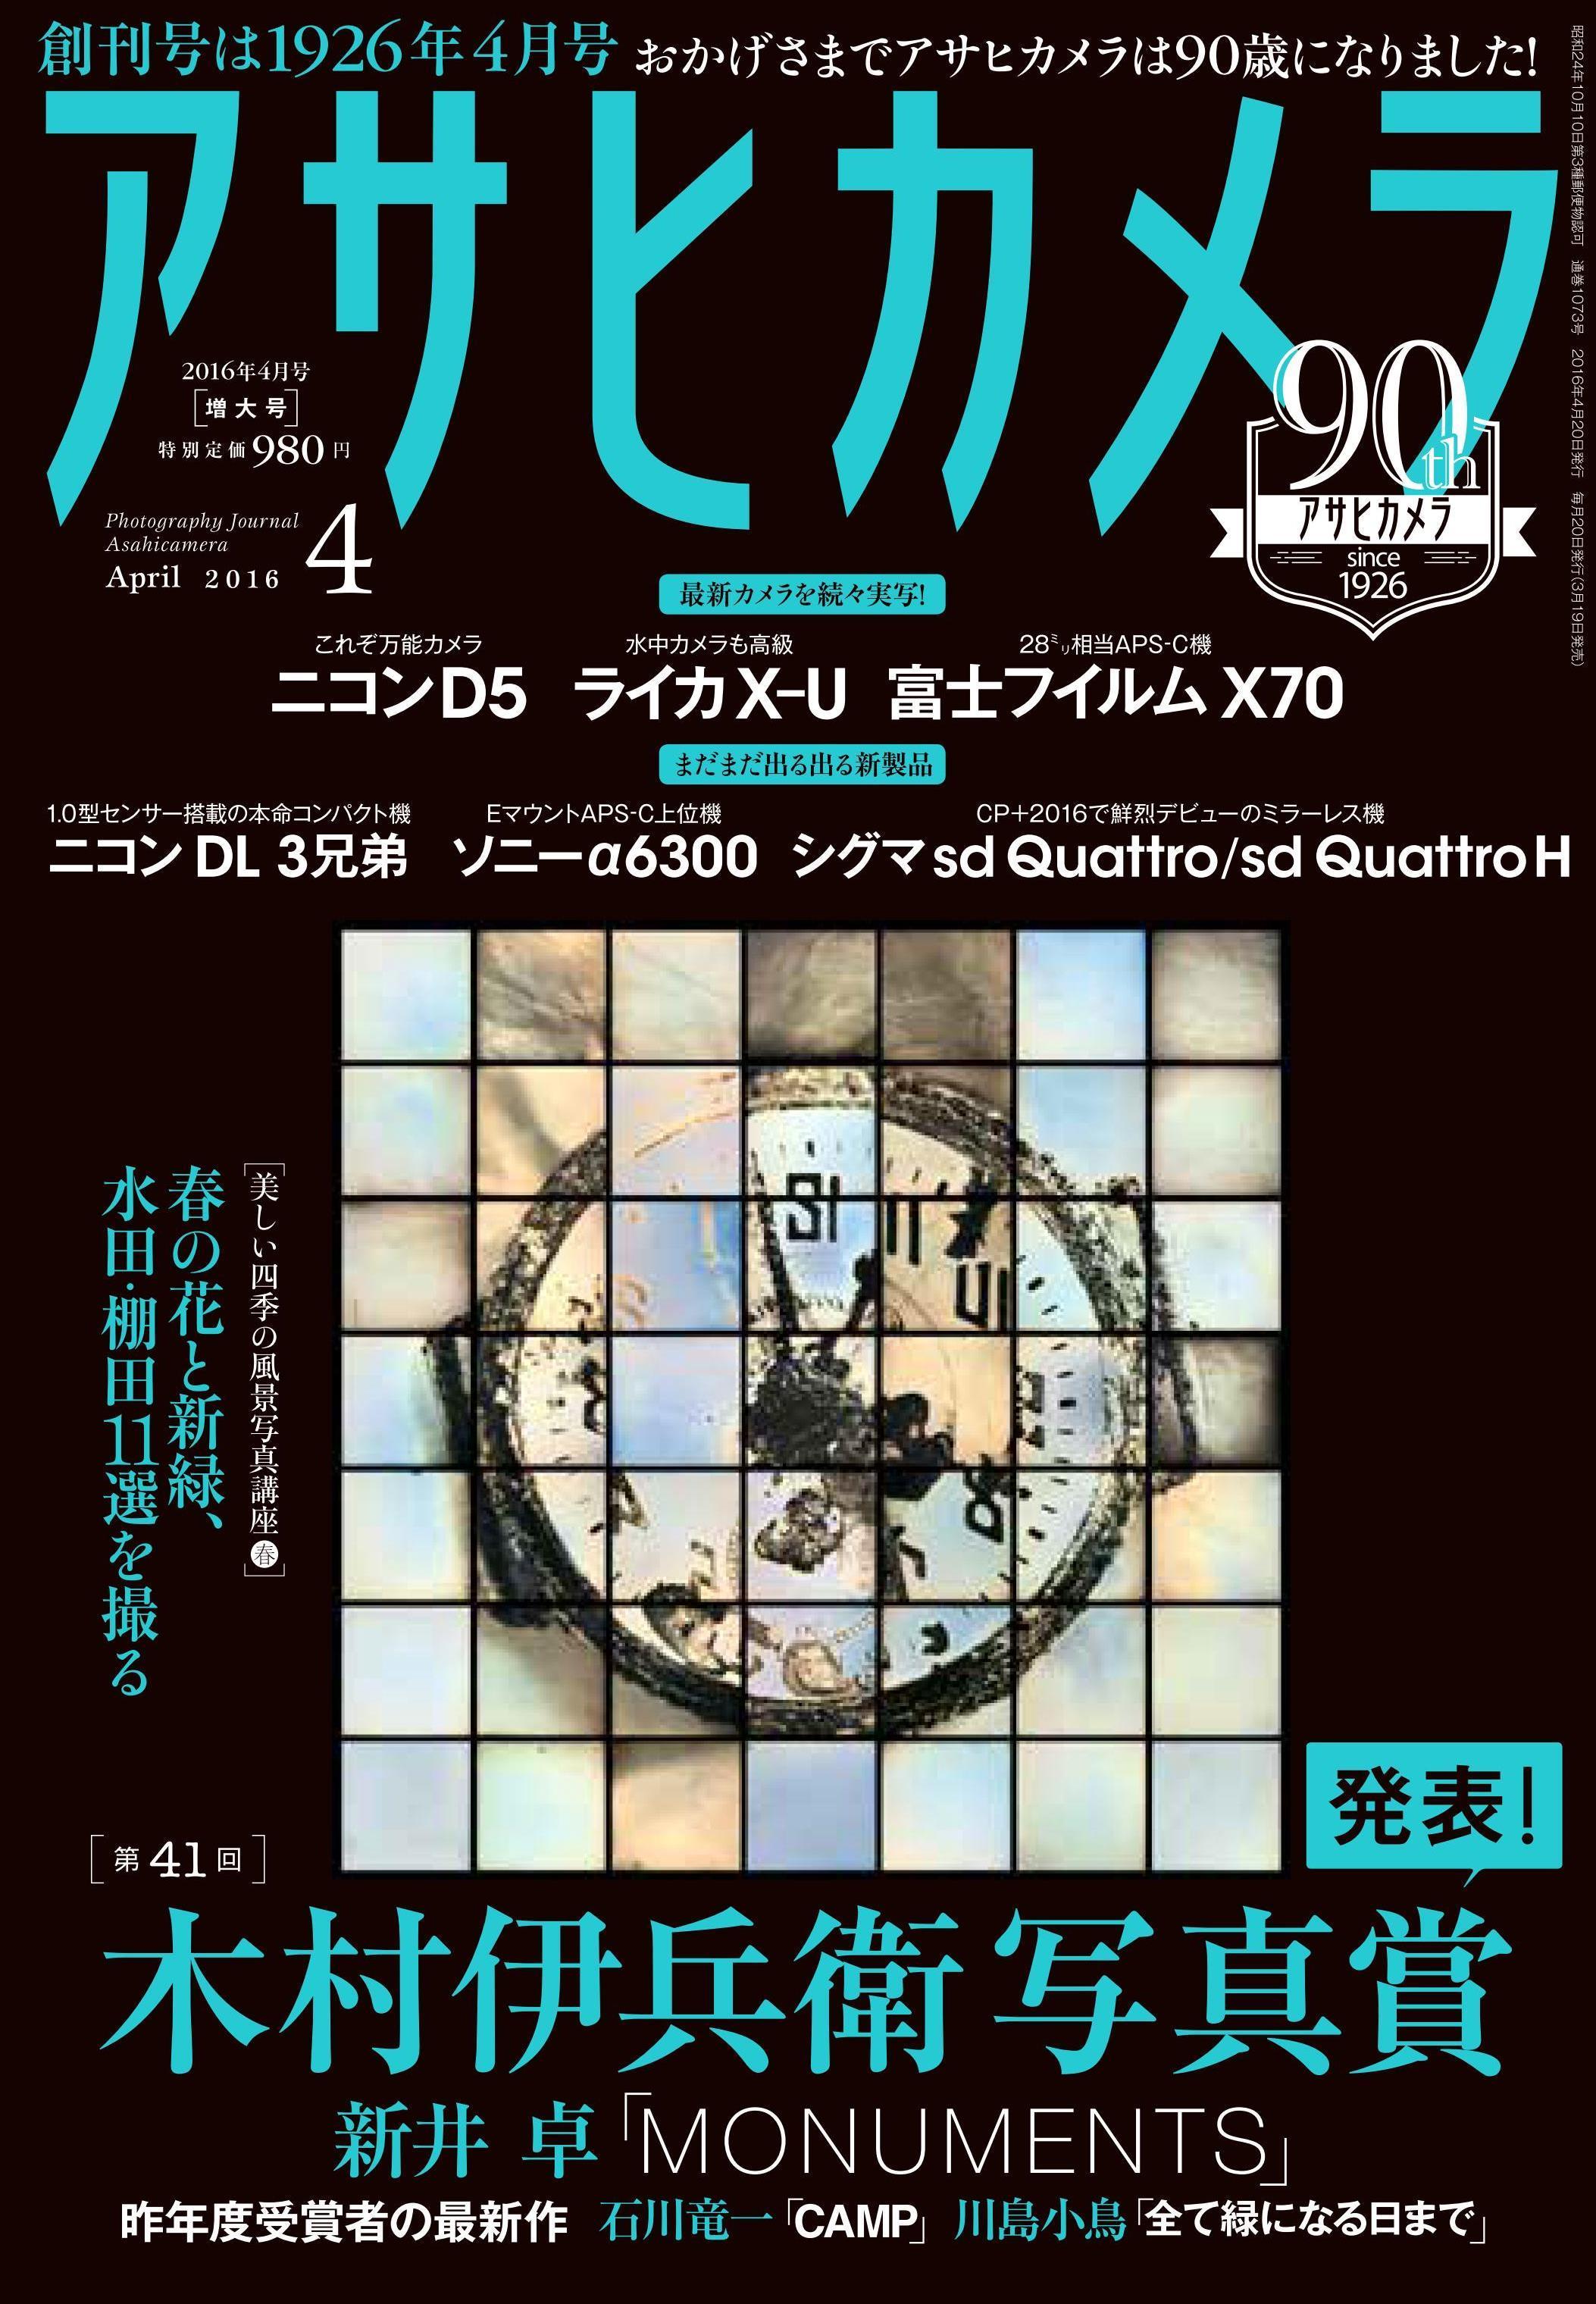 第41回木村伊兵衛写真賞選考の詳細がレポートされる、アサヒカメラ2016年4月号